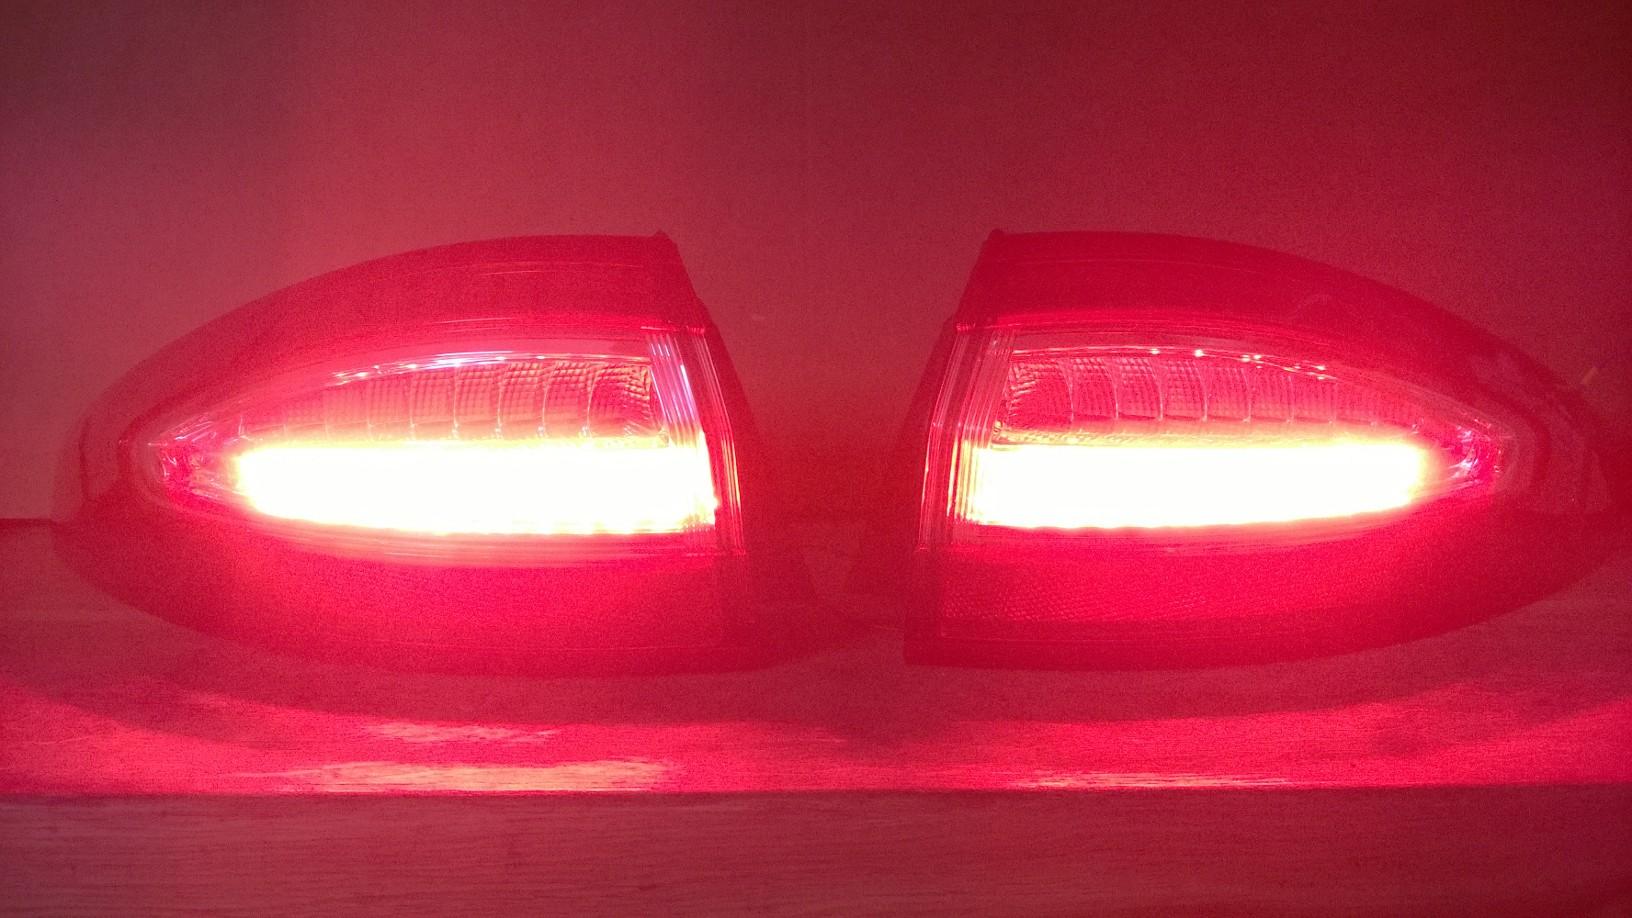 Reparatur von lampen ford mondeo mk5 reparatur von for Lampen reparatur